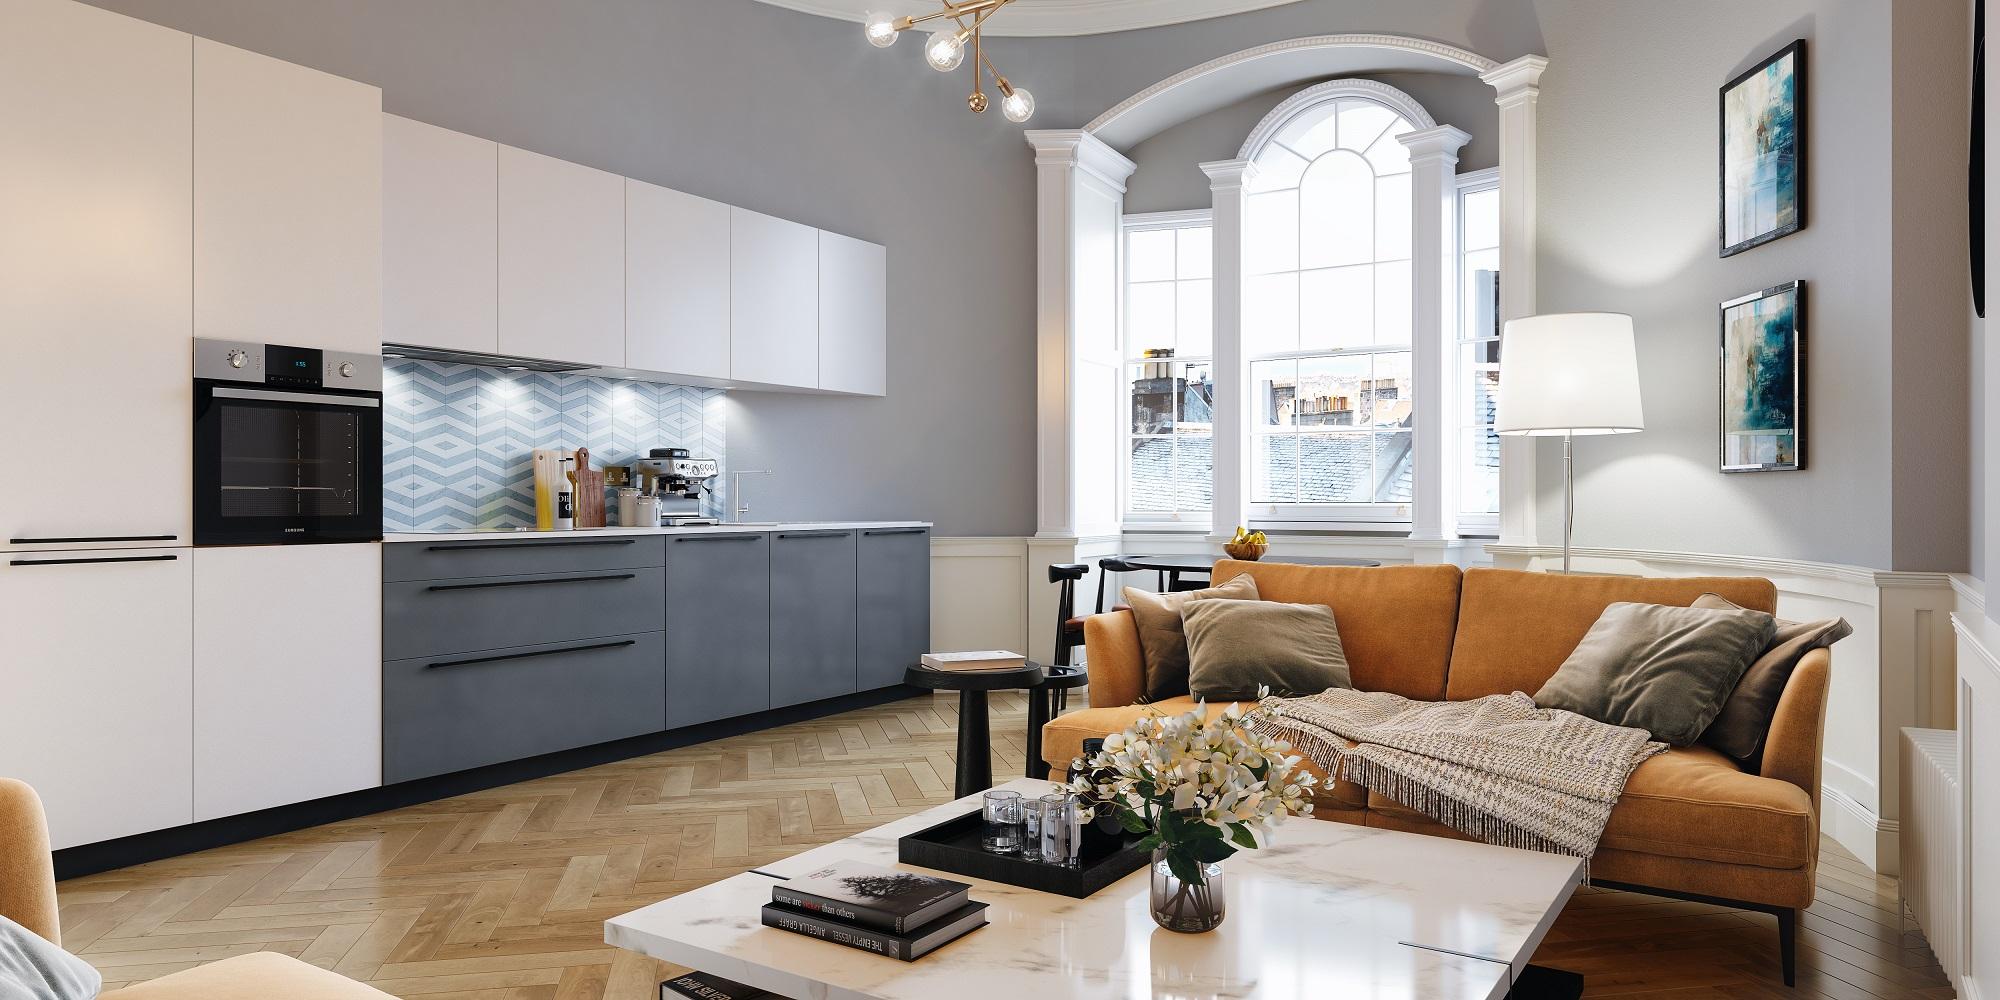 53 George Street Edinburgh buy to let property